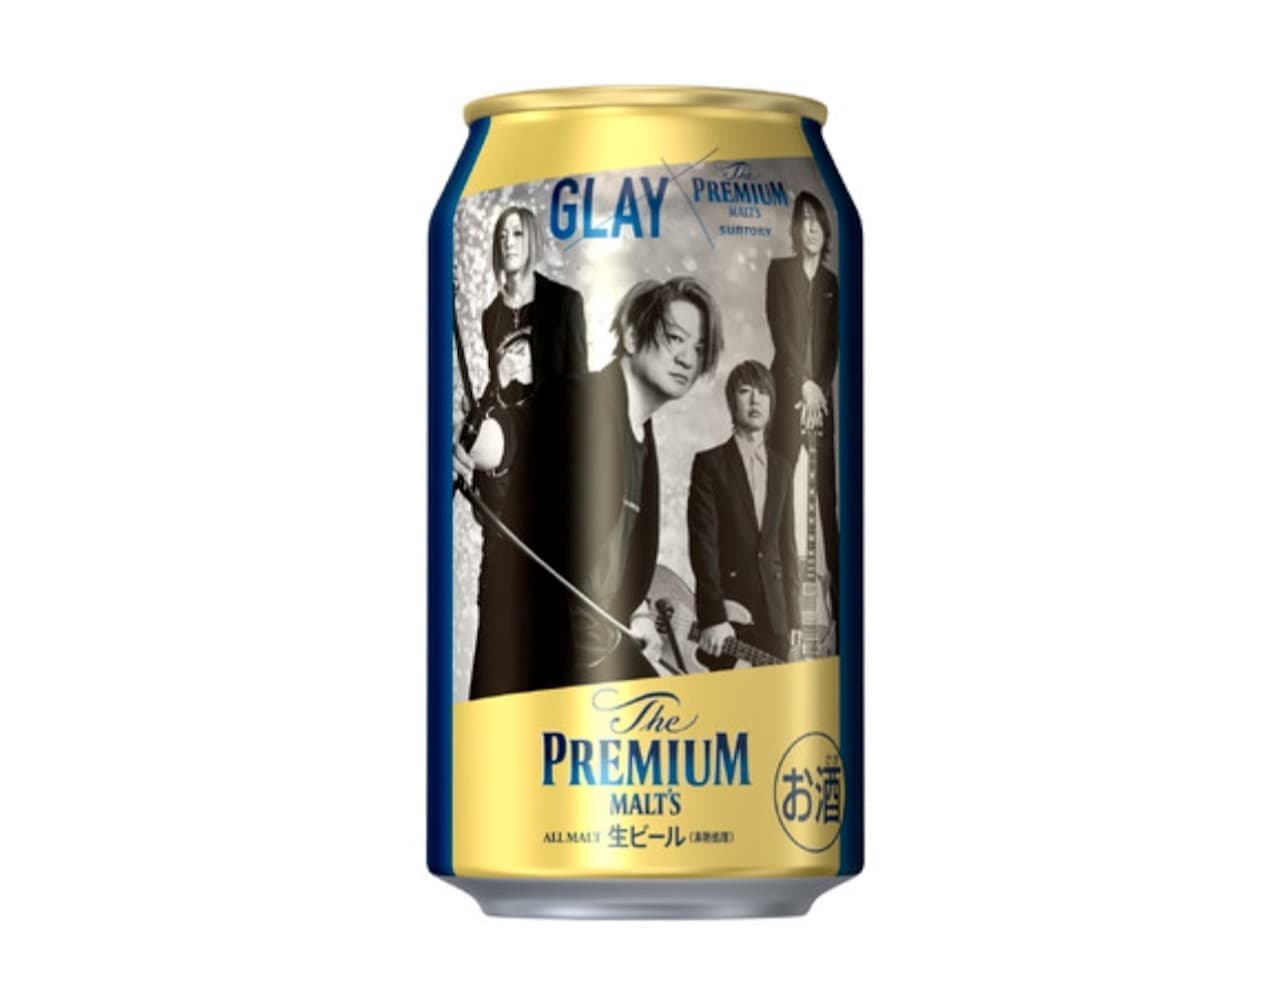 数量限定「ザ・プレミアム・モルツ〈GLAYデザイン缶〉」